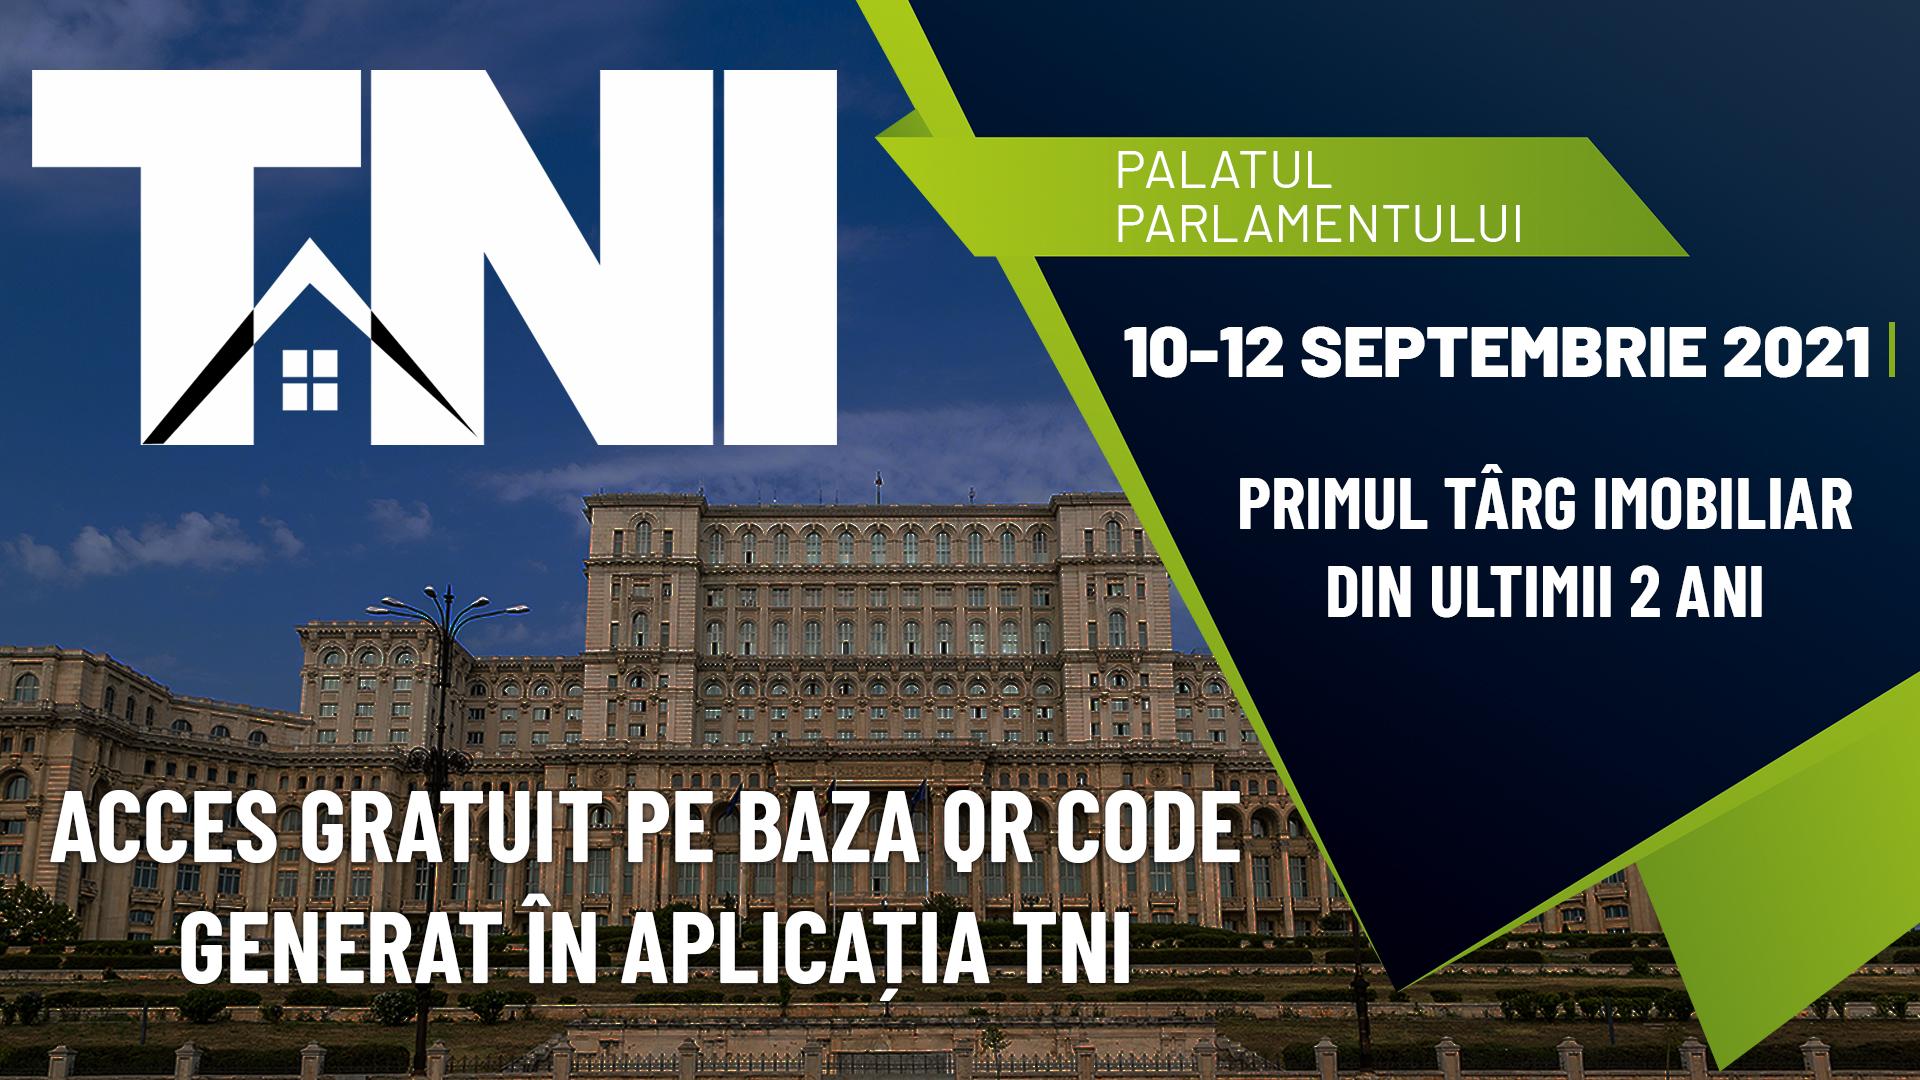 Primul târg imobiliar organizat în ultimii 2 ani începe VINERI, 10 SEPTEMBRIE, ORA 10.00 la Palatul Parlamentului, Sala Unirii.